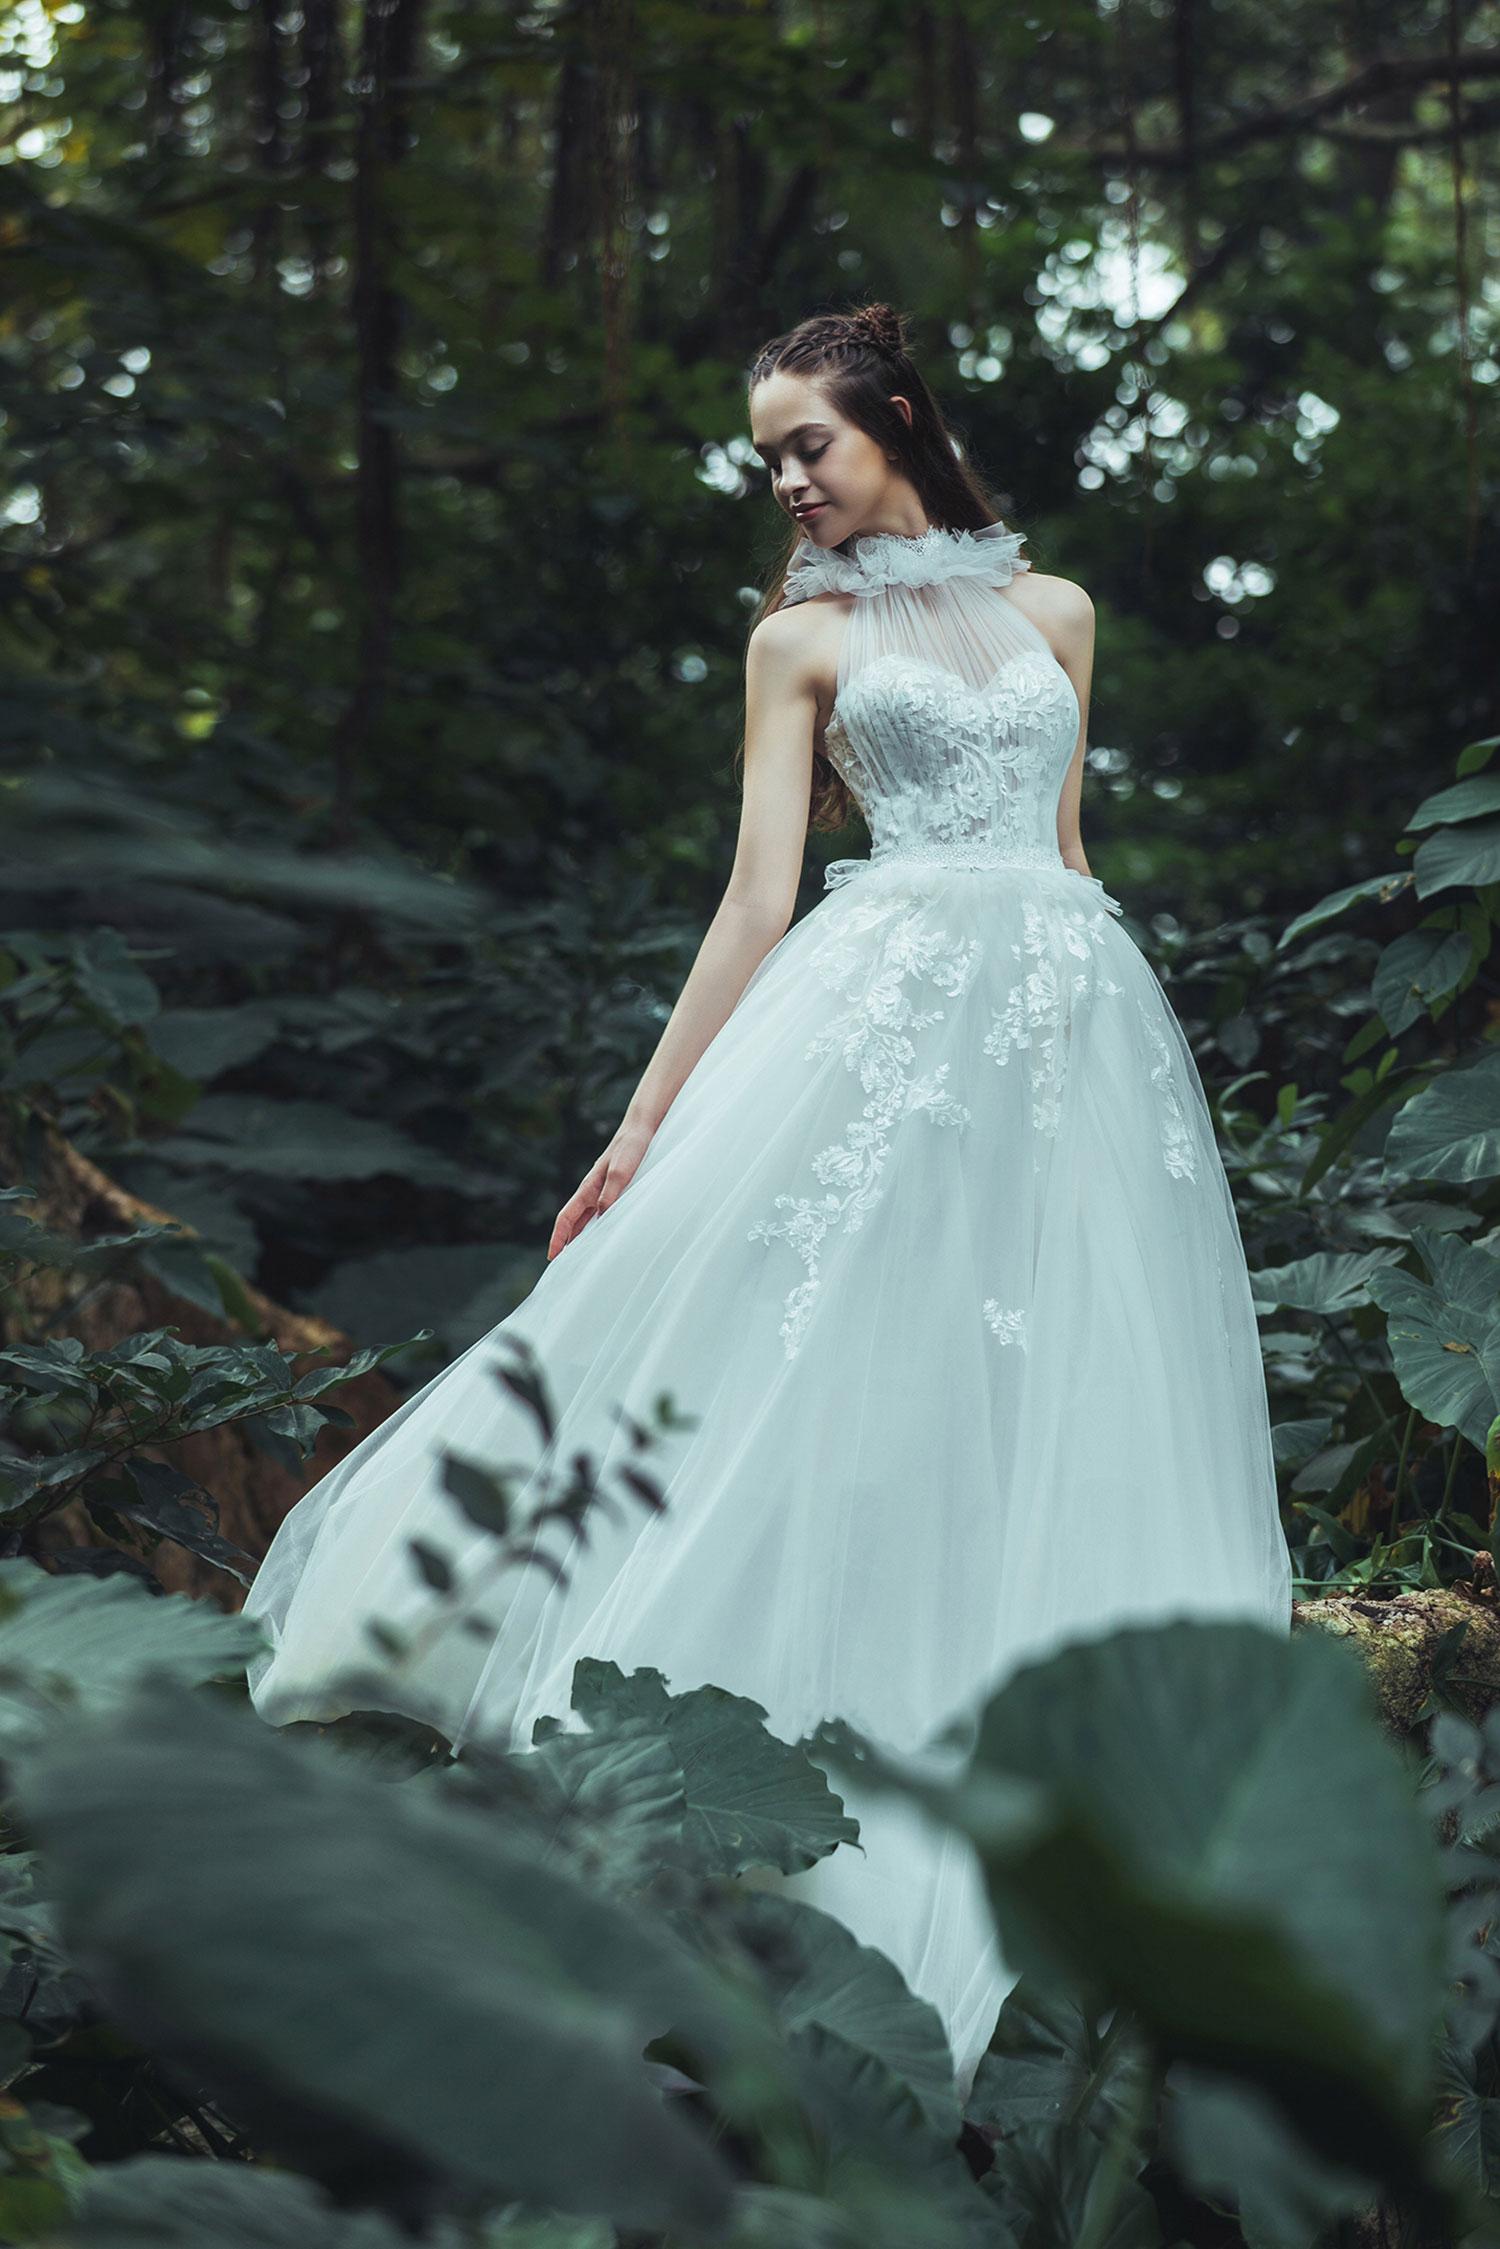 halter-neckline-corset-wedding-dress.jpg